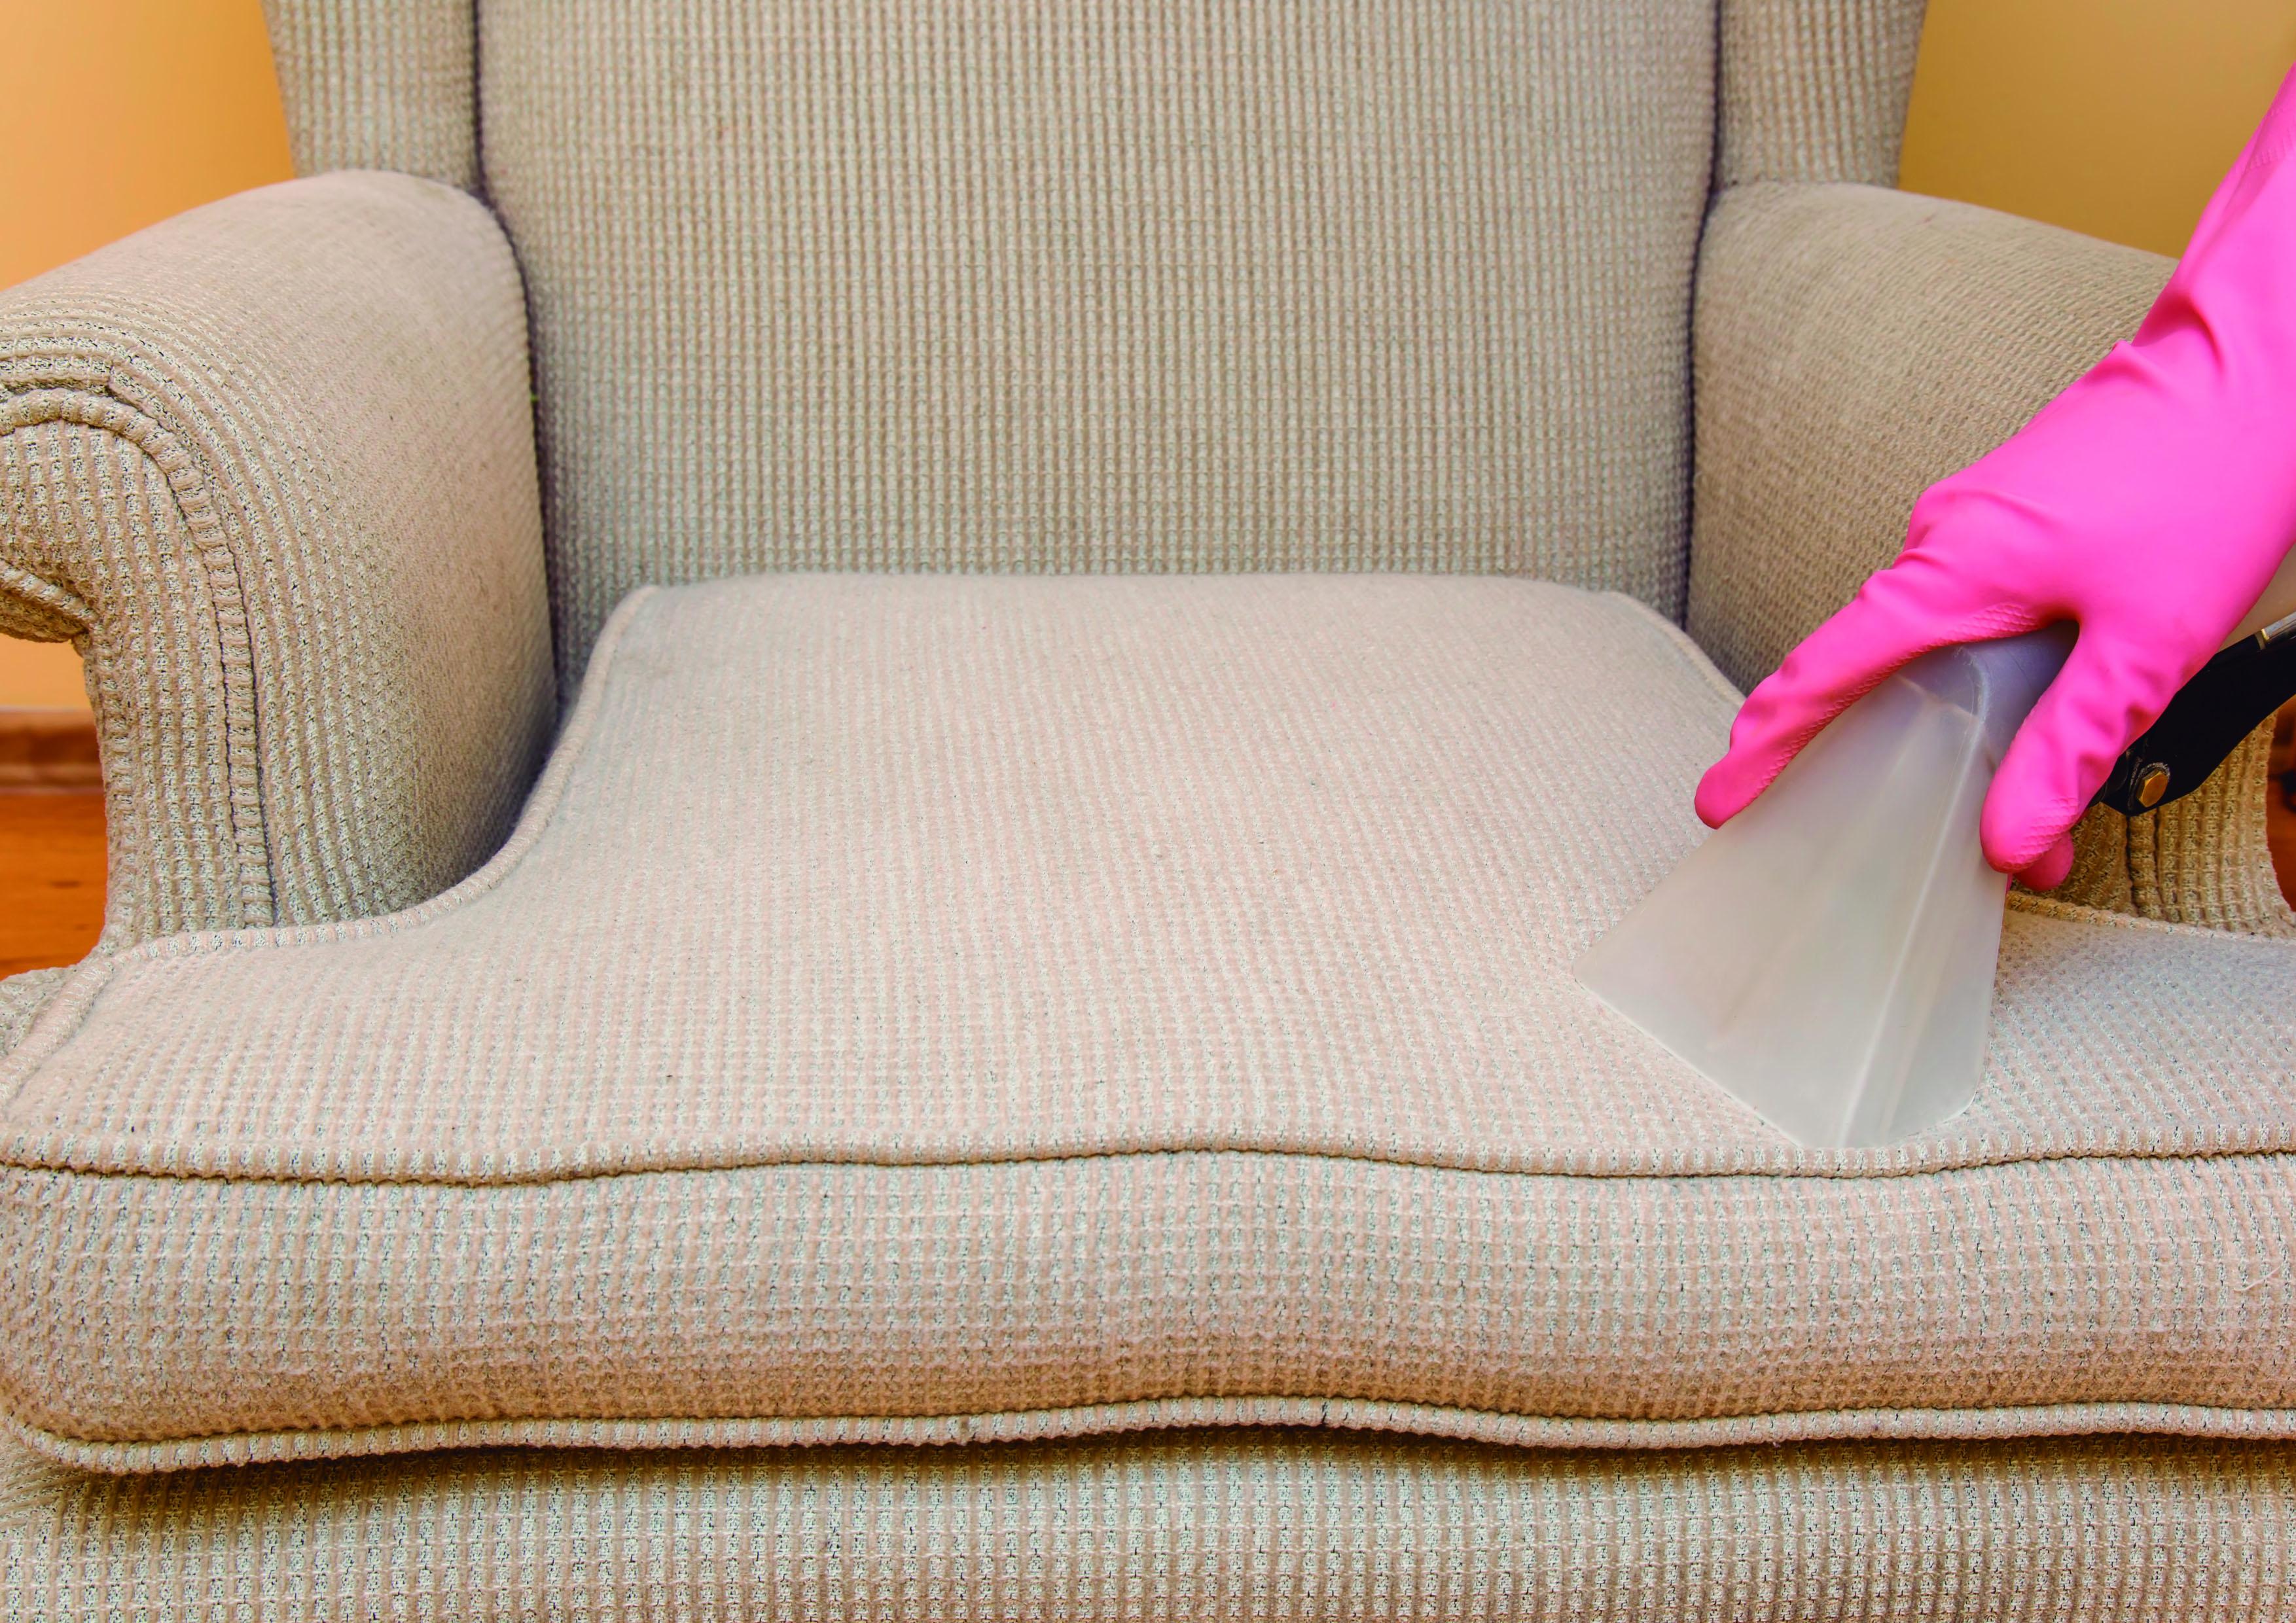 Lavagem de Sofá de até 3 lugares ou Colchão solteiro ou Conjunto de 02 Poltronas de R$110 por R$37,90